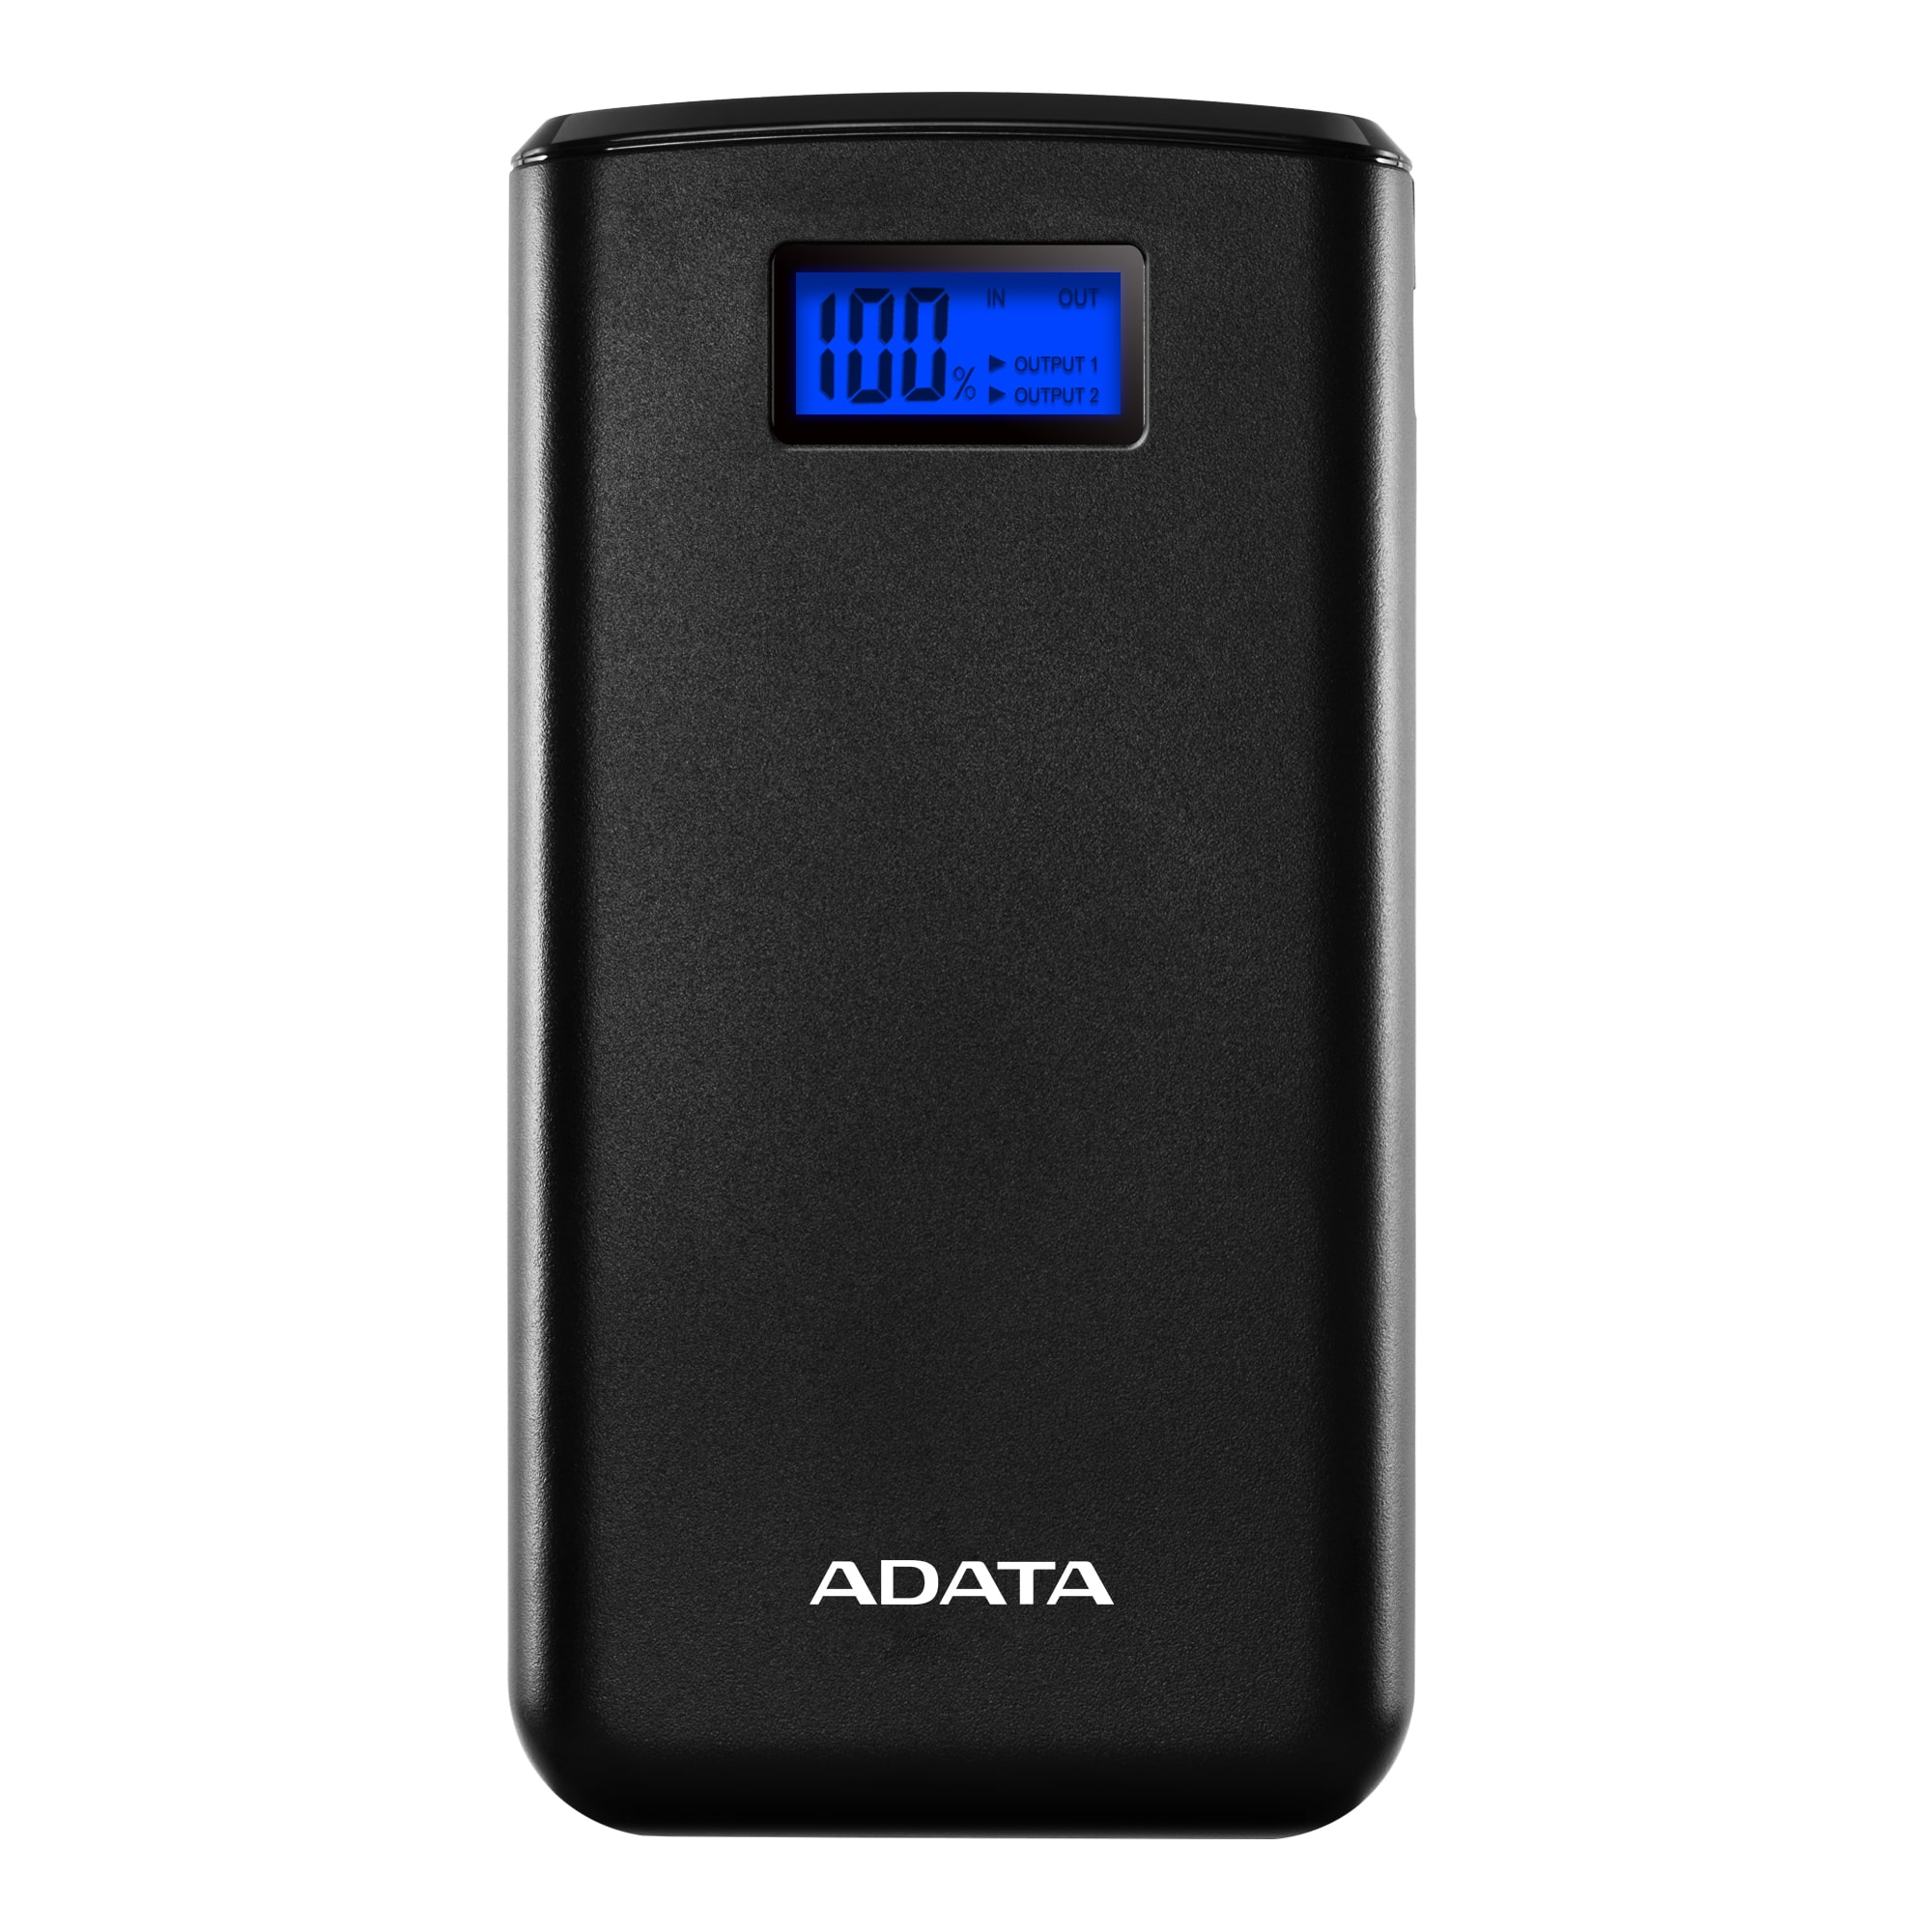 ADATA PowerBank S20000D - externí baterie pro mobil/tablet 20000mAh, černá